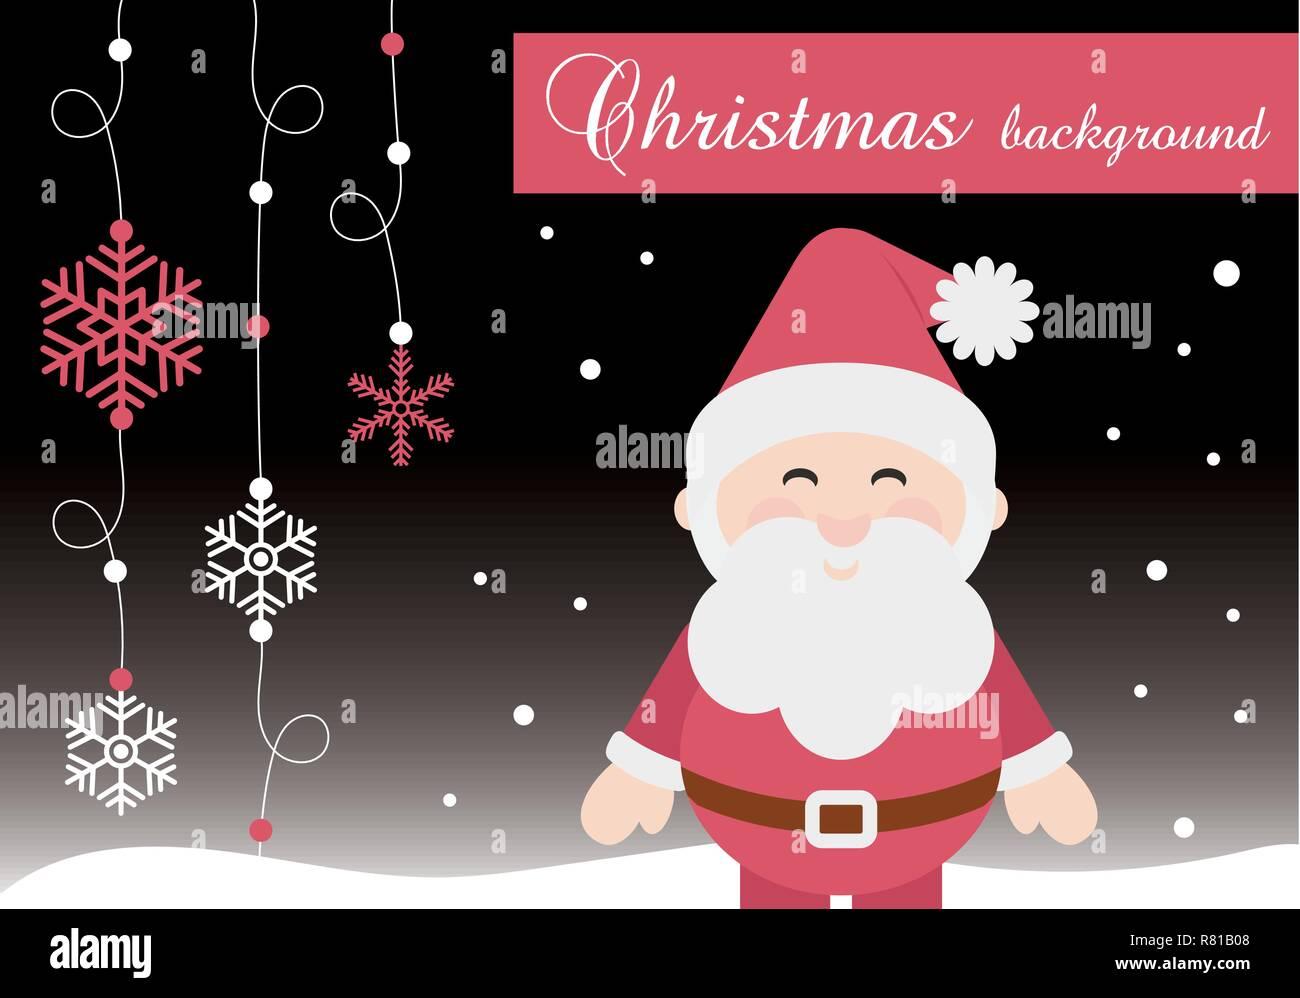 Frohe Weihnachten Süße Santa Claus Vektor-illustration druckbare Banner Poster an der Wand Grußkarte Blauer Hintergrund mit Schnee Stockbild